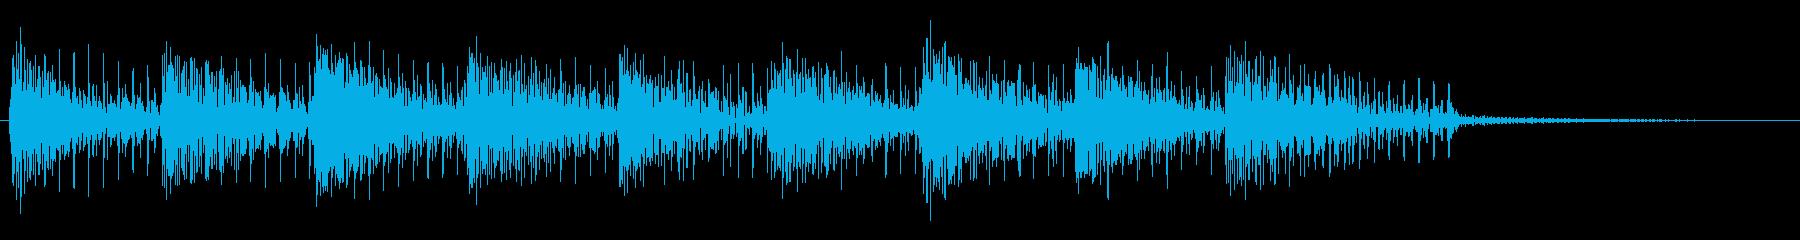 オールドスクールテクノポップ風アナログ音の再生済みの波形